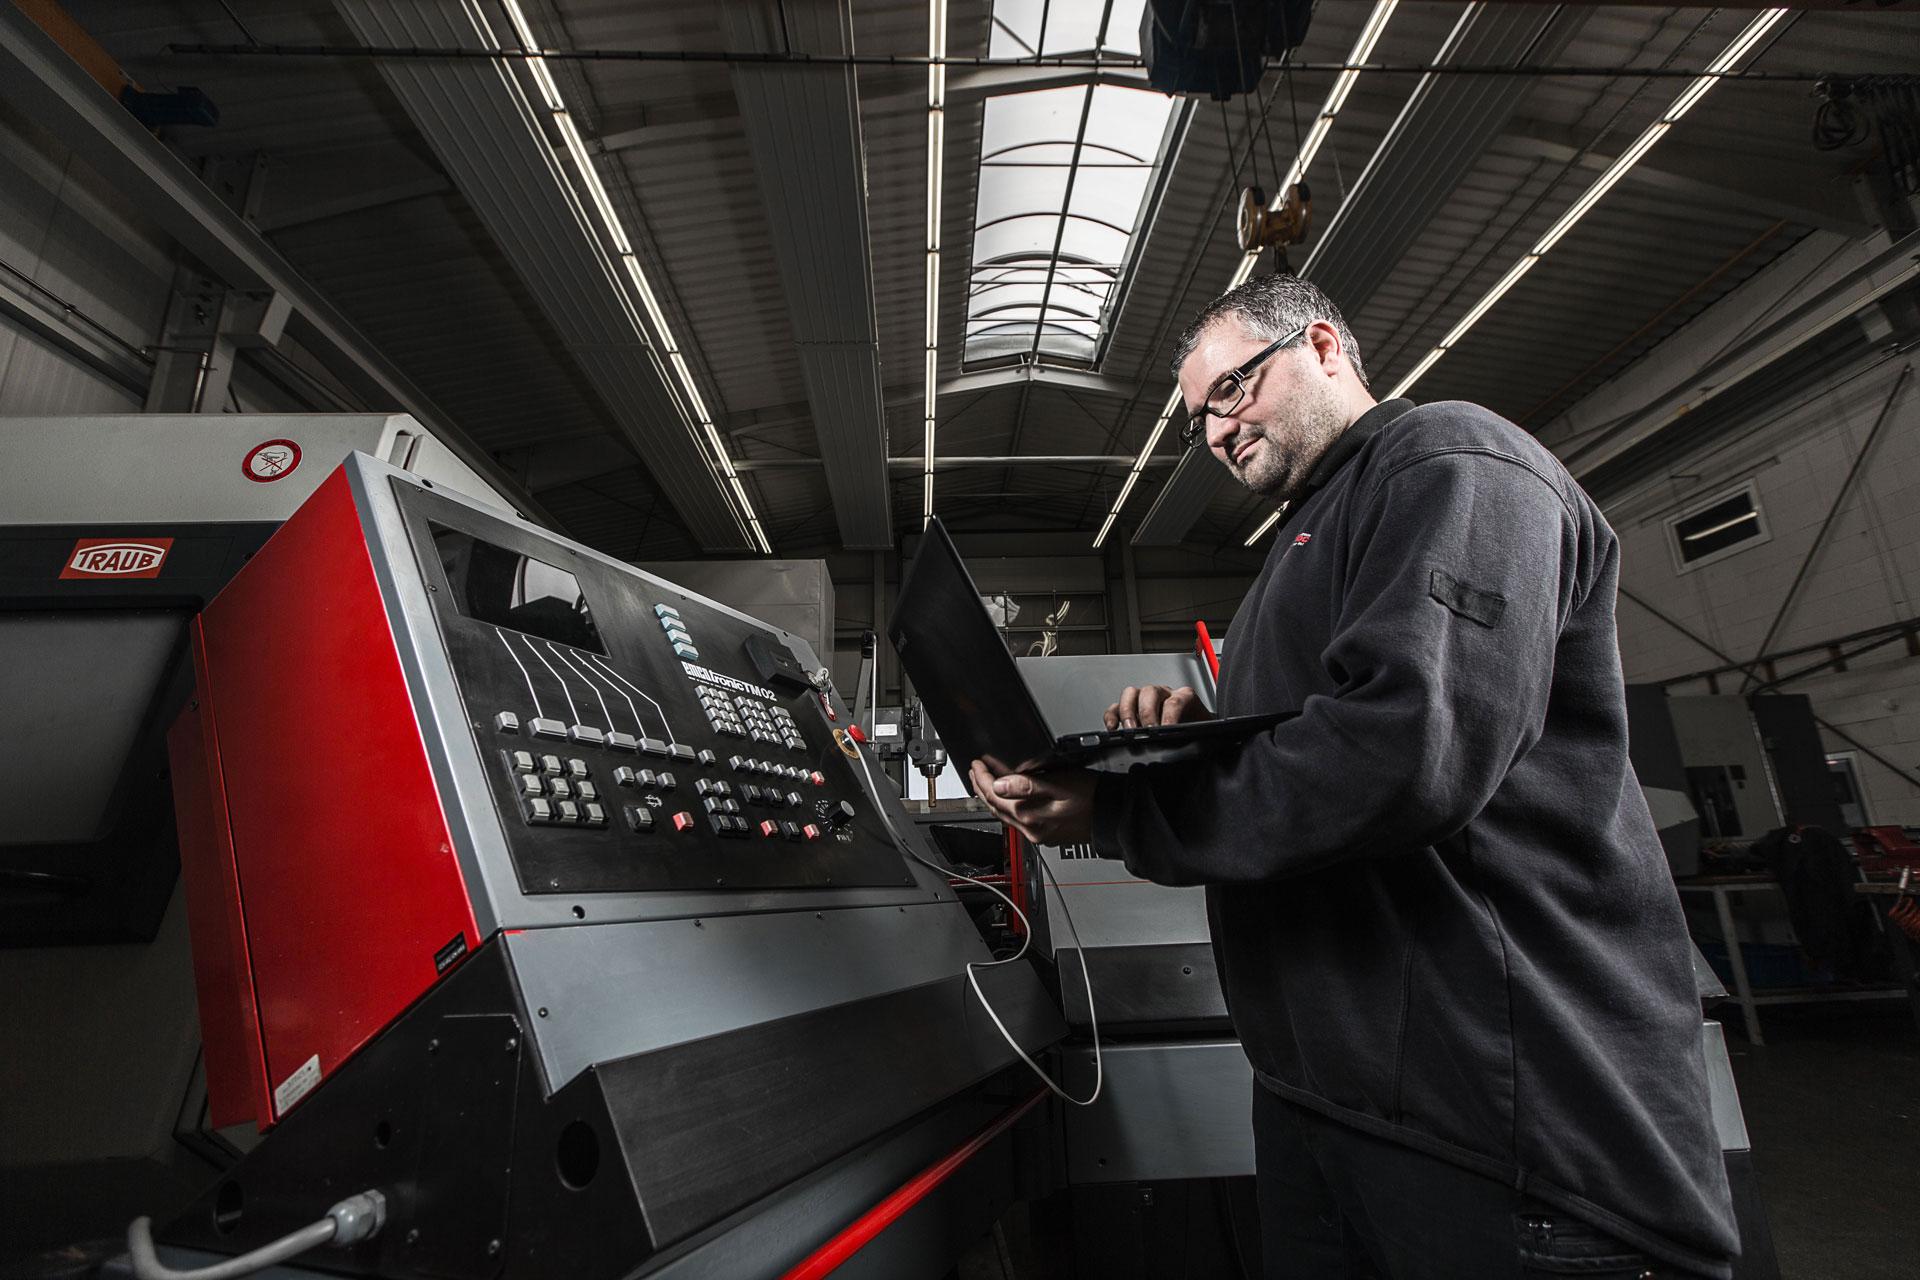 Maschinendoc Mitarbeiter bei der Wartung und Instandhaltung